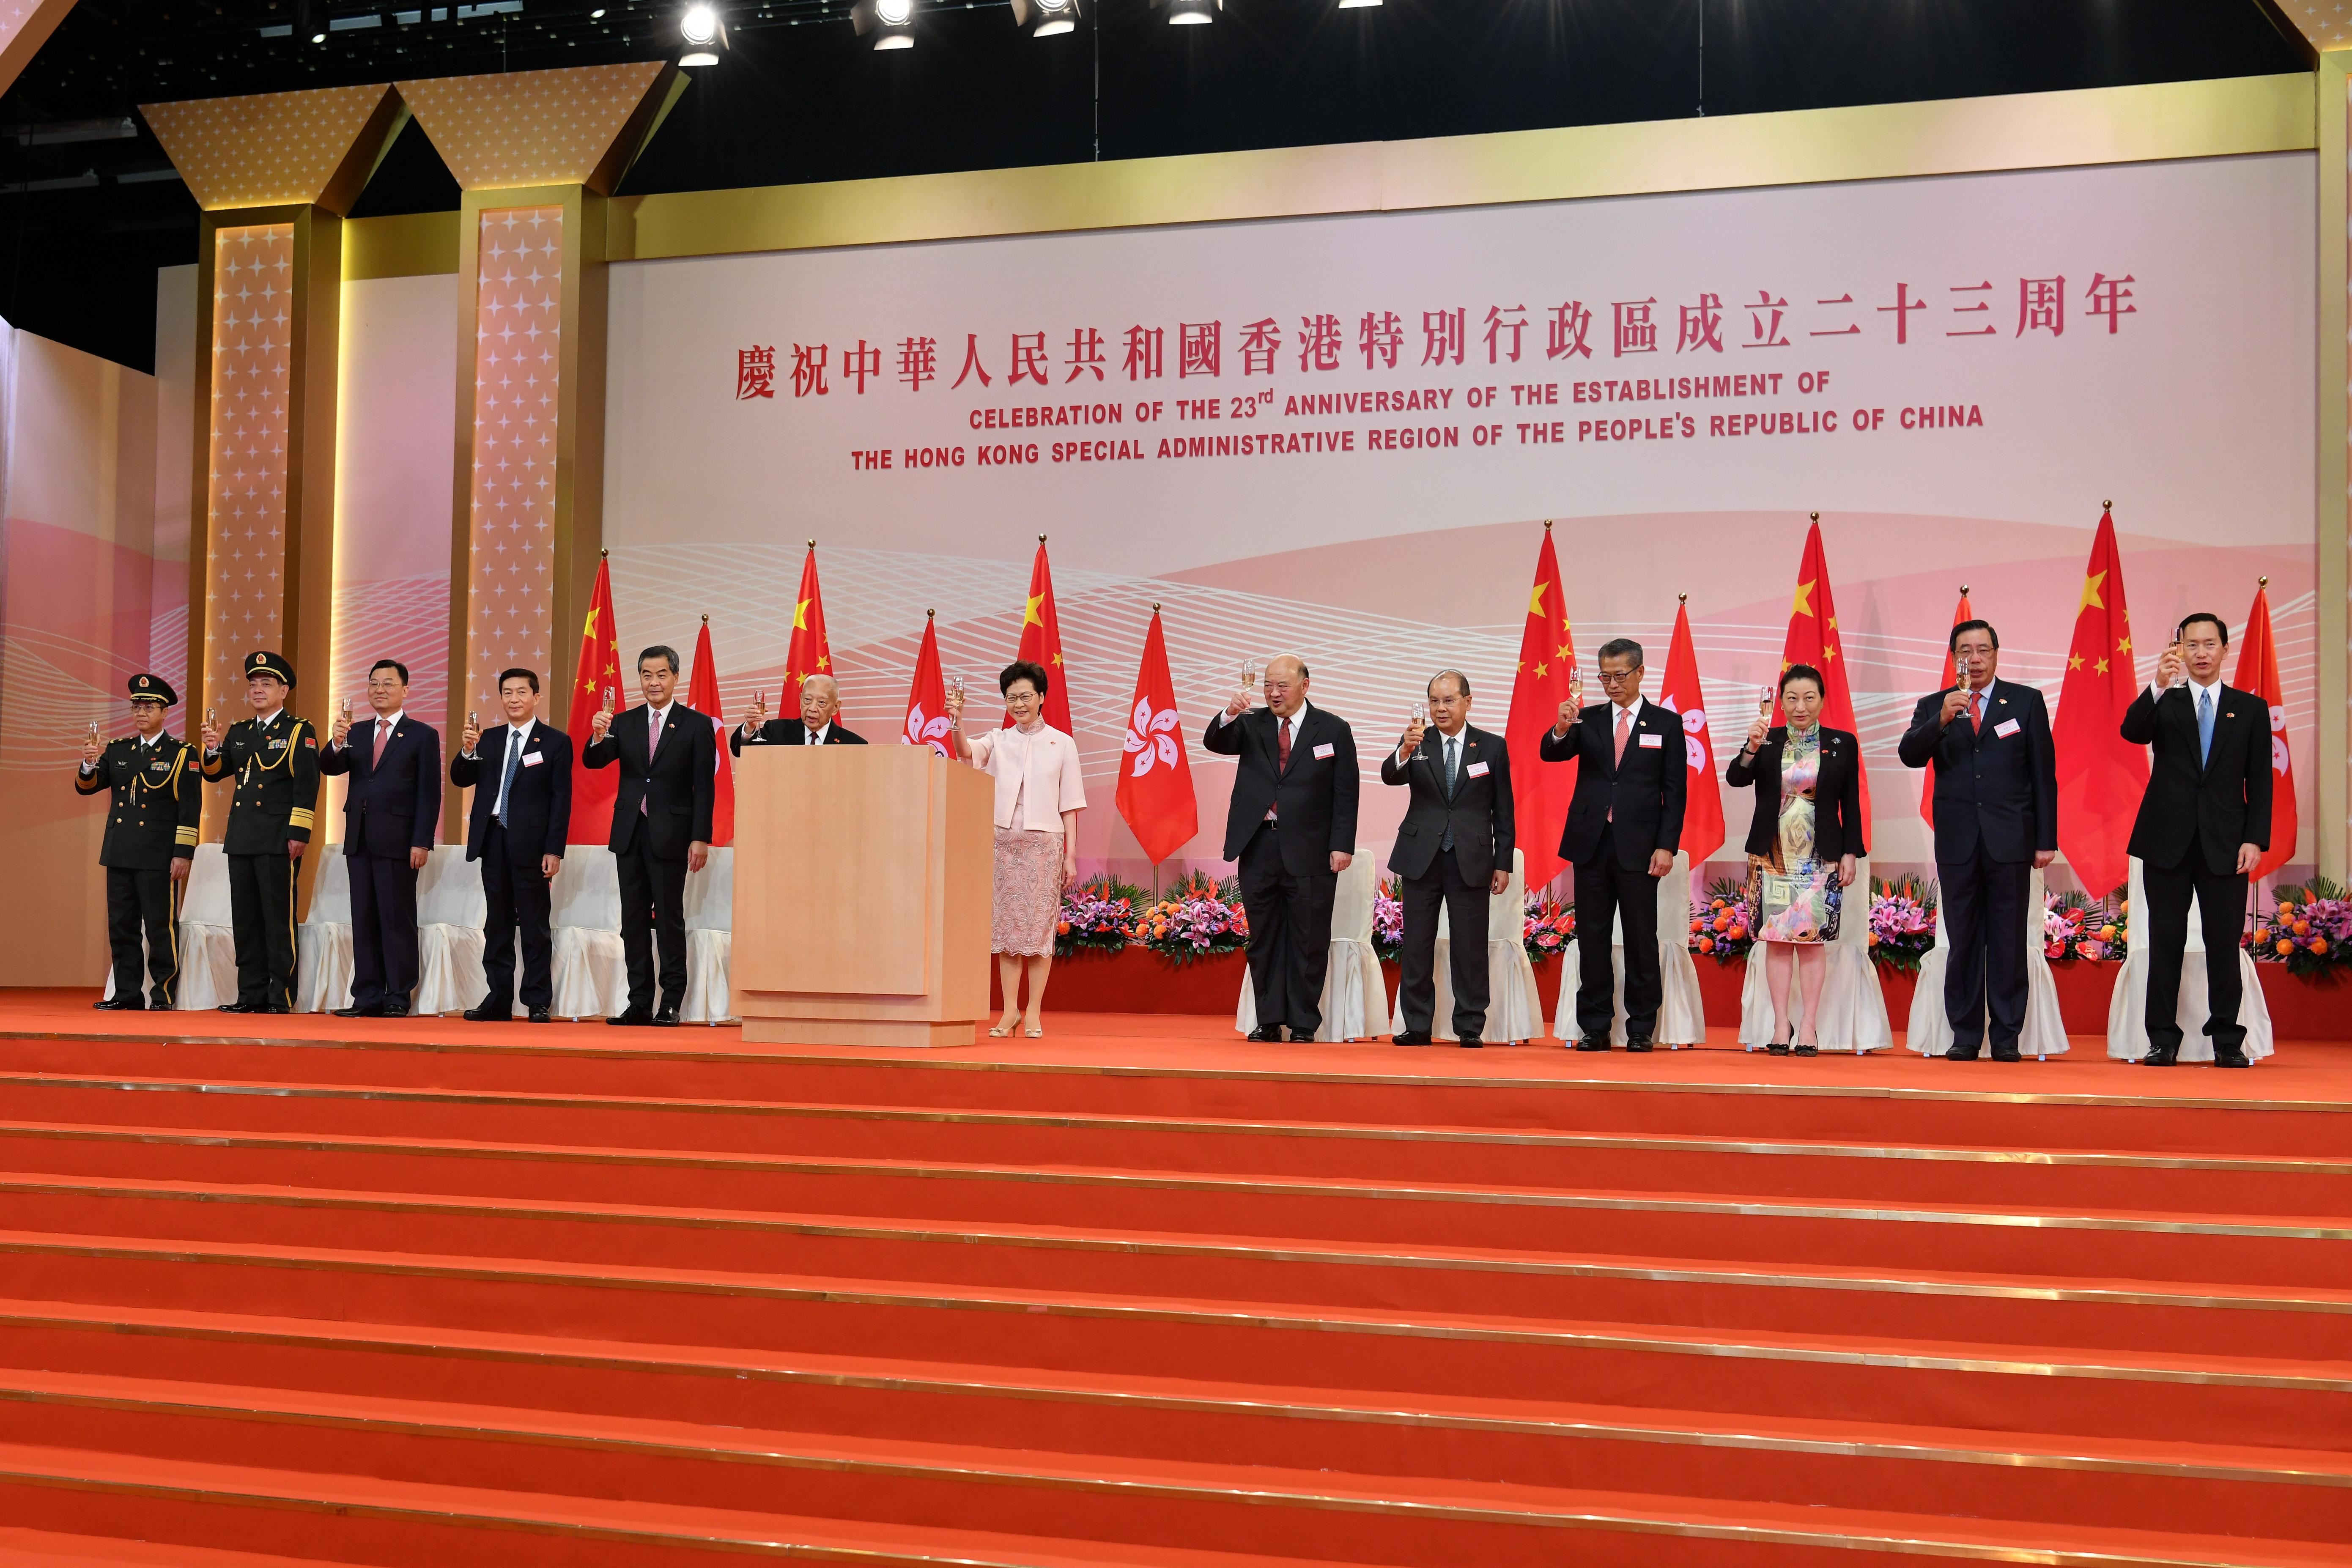 張建宗表示,香港國安法守護「一國兩制」不受損、守護市民的基本權利和自由不受損、守護司法獨立不受影響(網誌圖片)